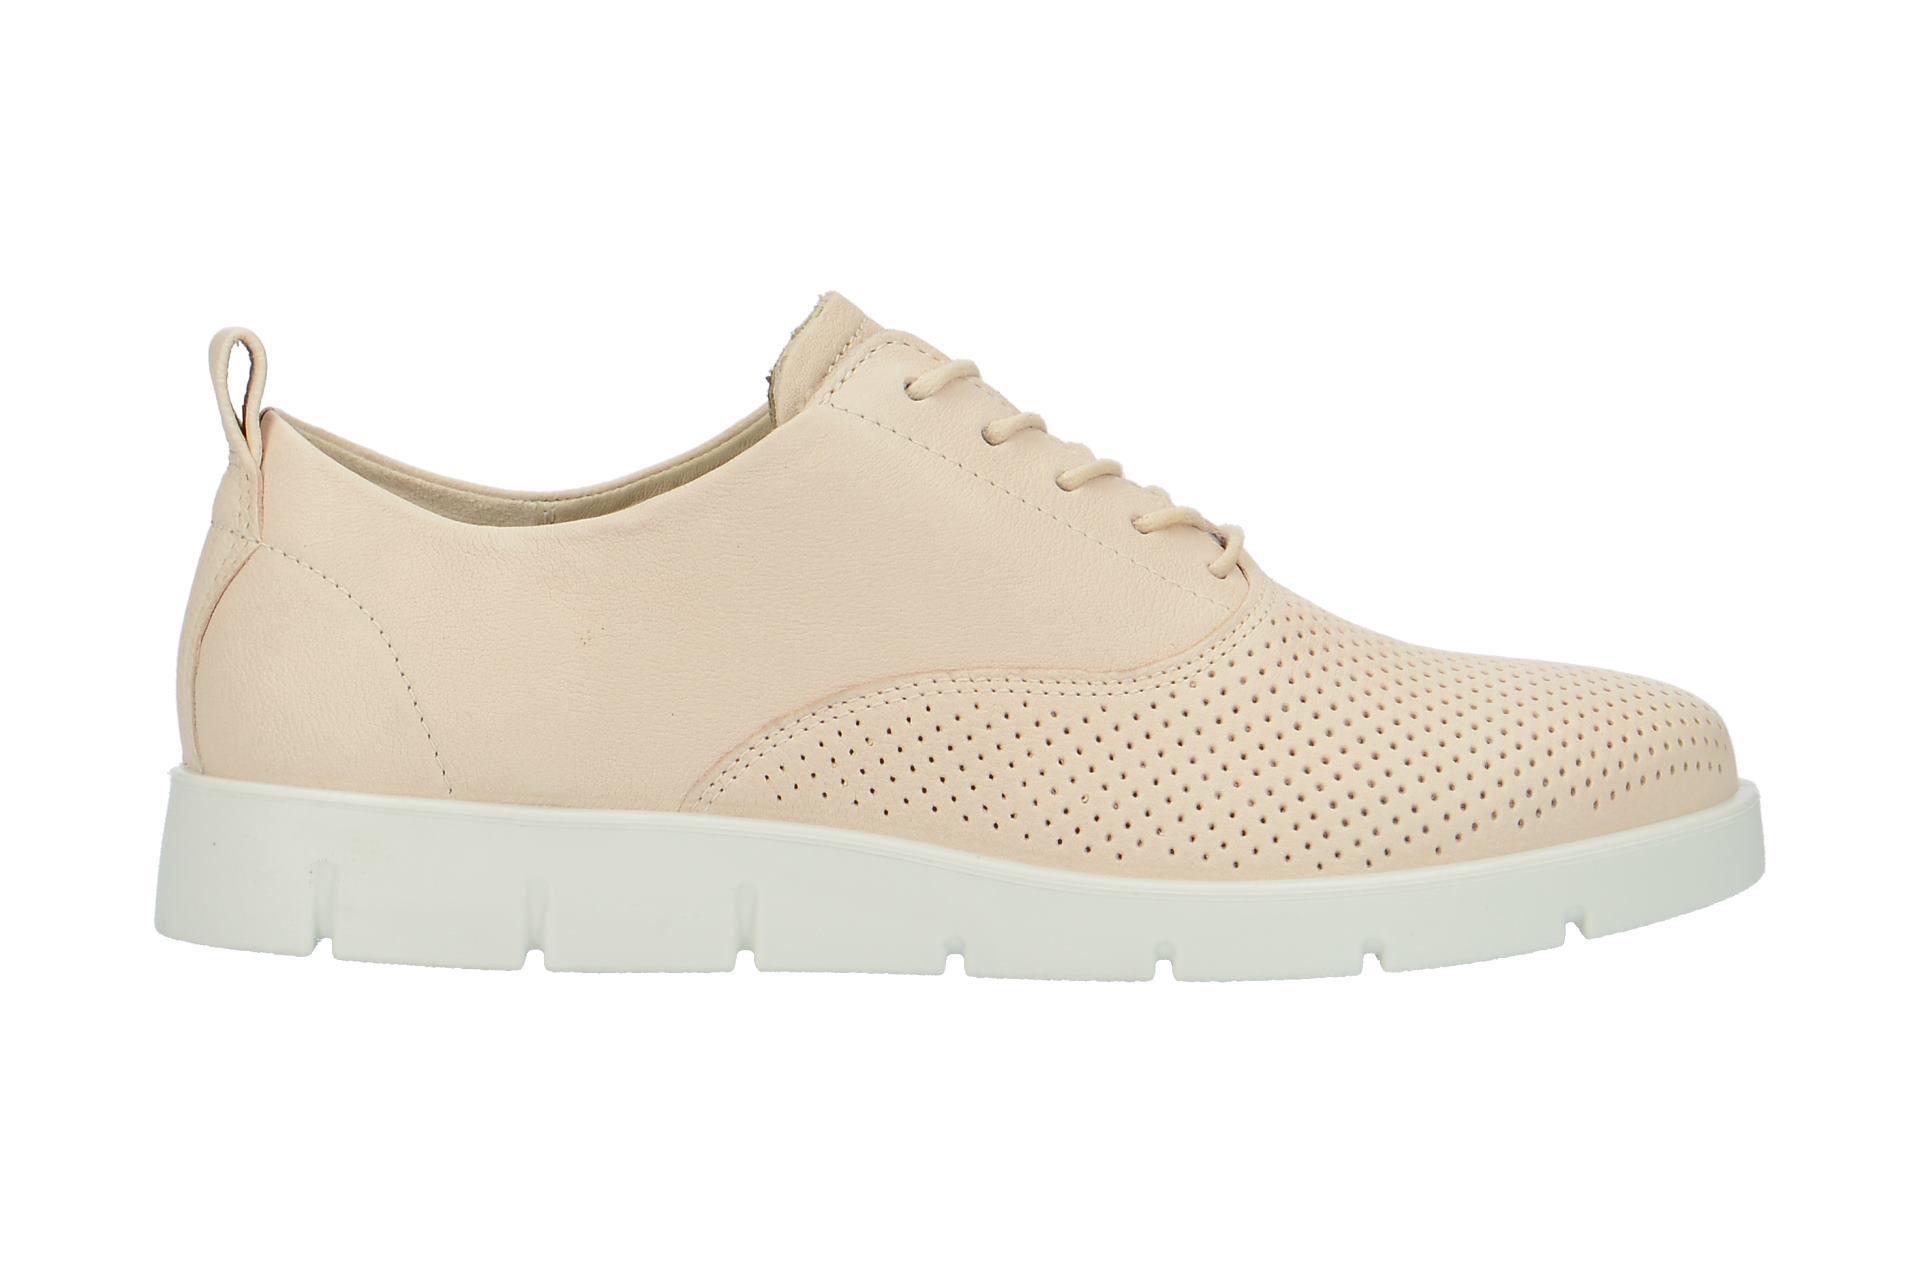 f1fd5c56e98d90 Ecco Schuhe BELLA beige Damenschuhe bequeme Schnür-Halbschuhe 28215301281  NEU